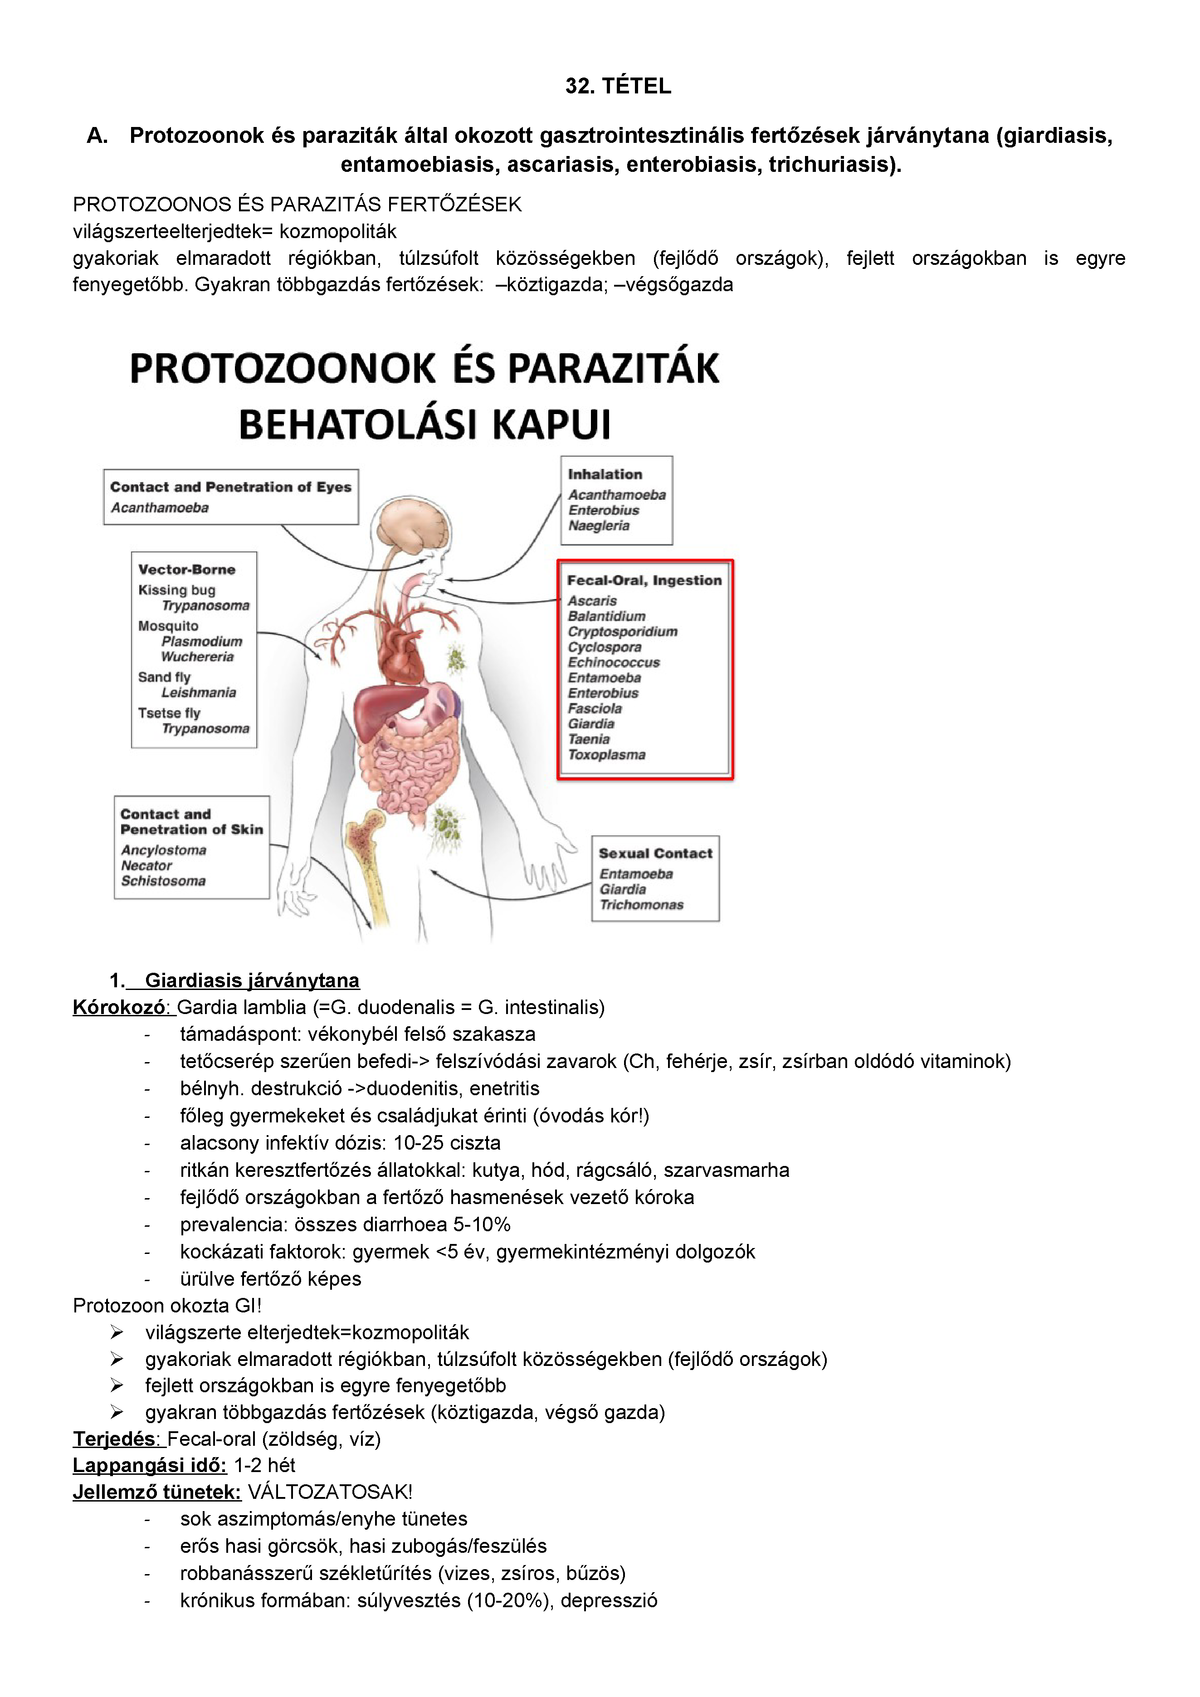 gyógymódok a terhes férgek ellen)